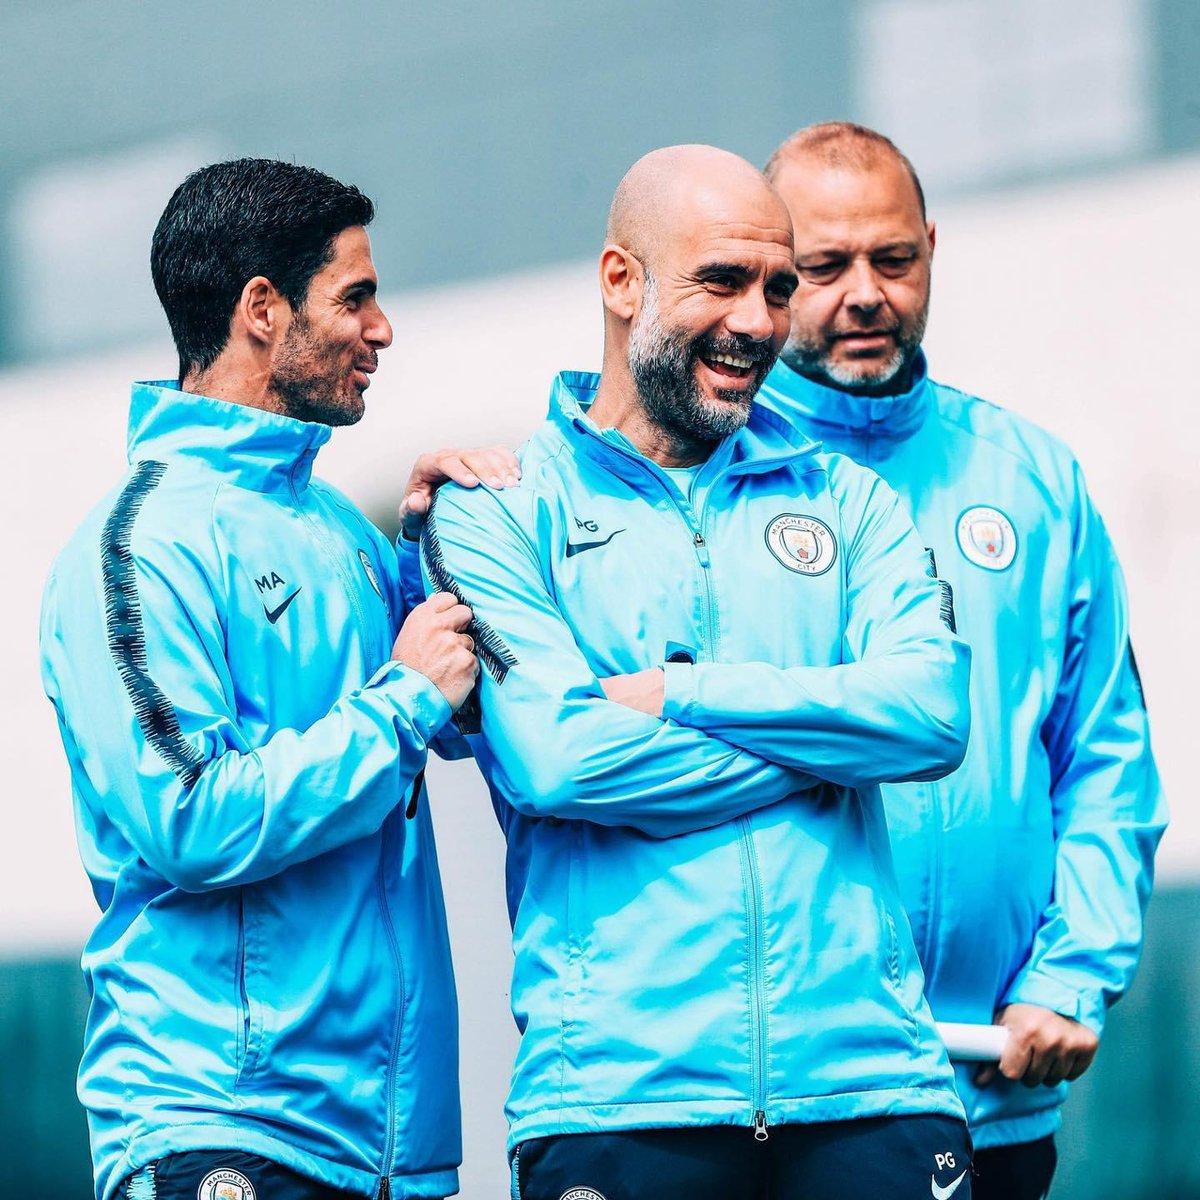 巴拉格:有 5个以上利物浦球员询问了我瓜拉的未来